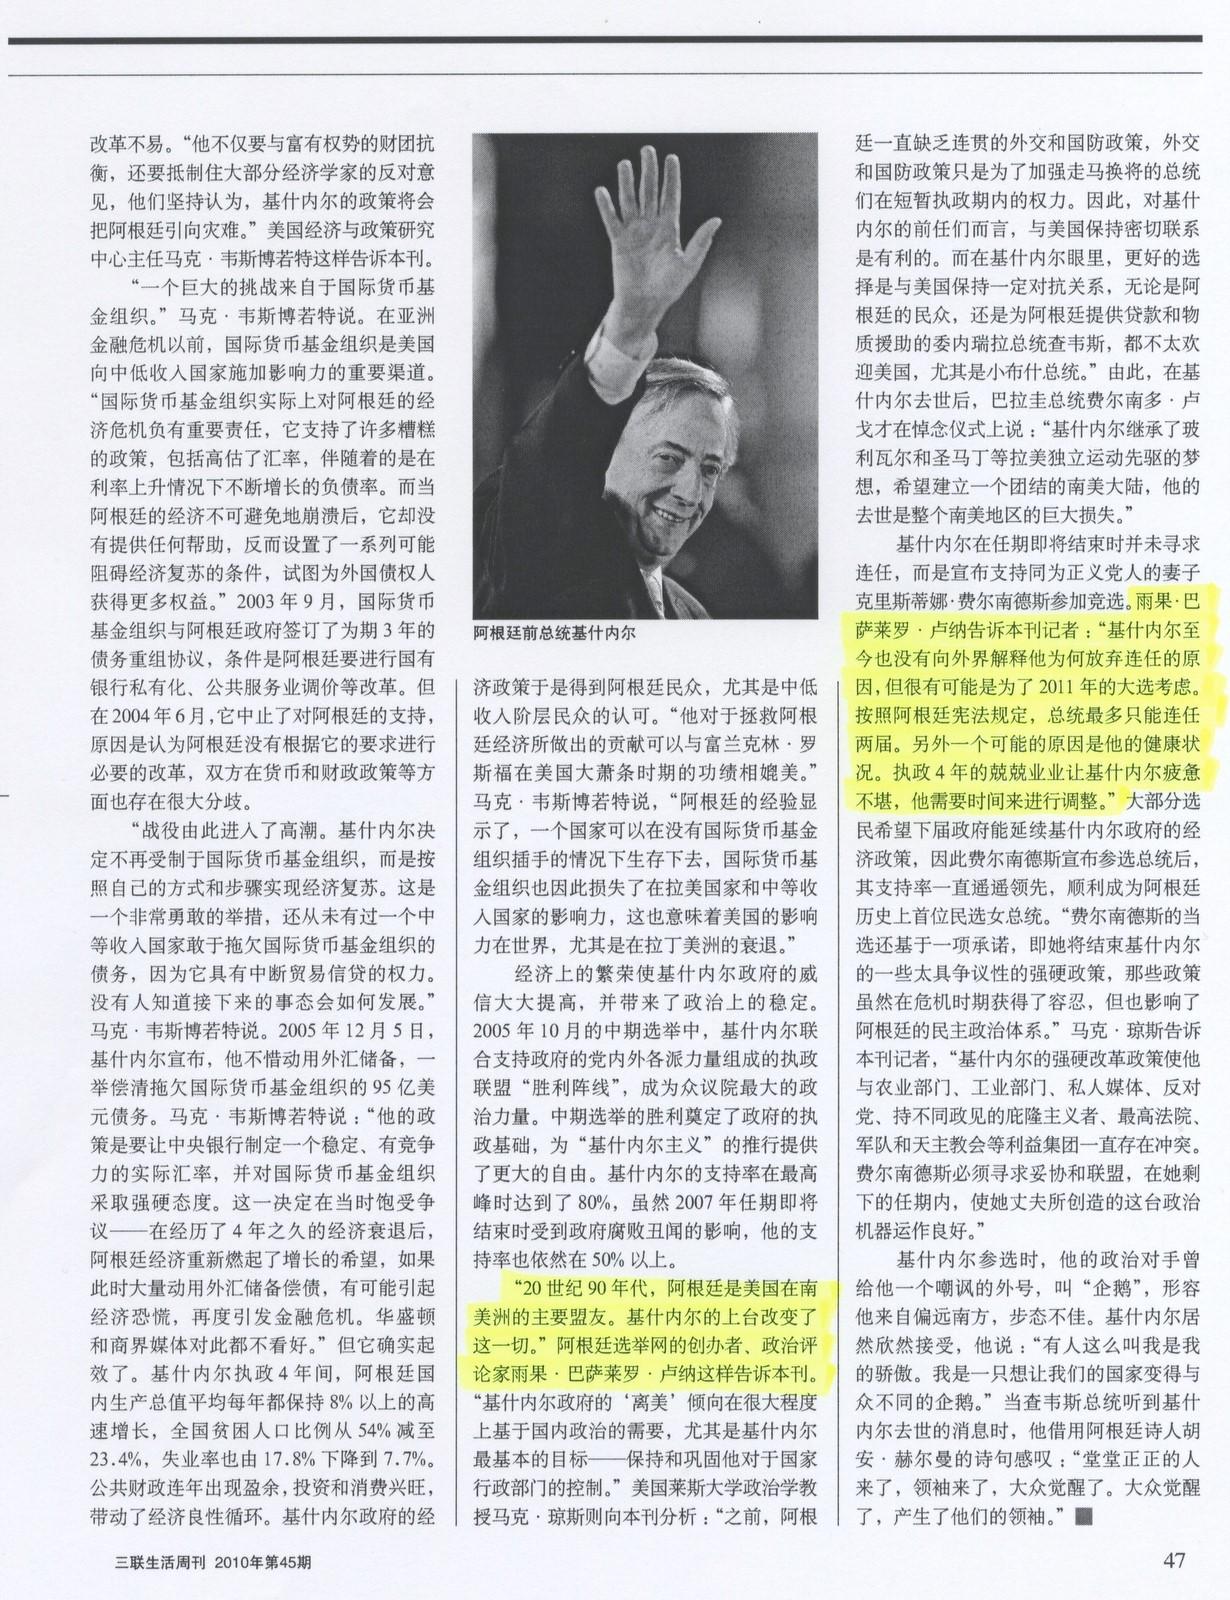 AE_China.jpg